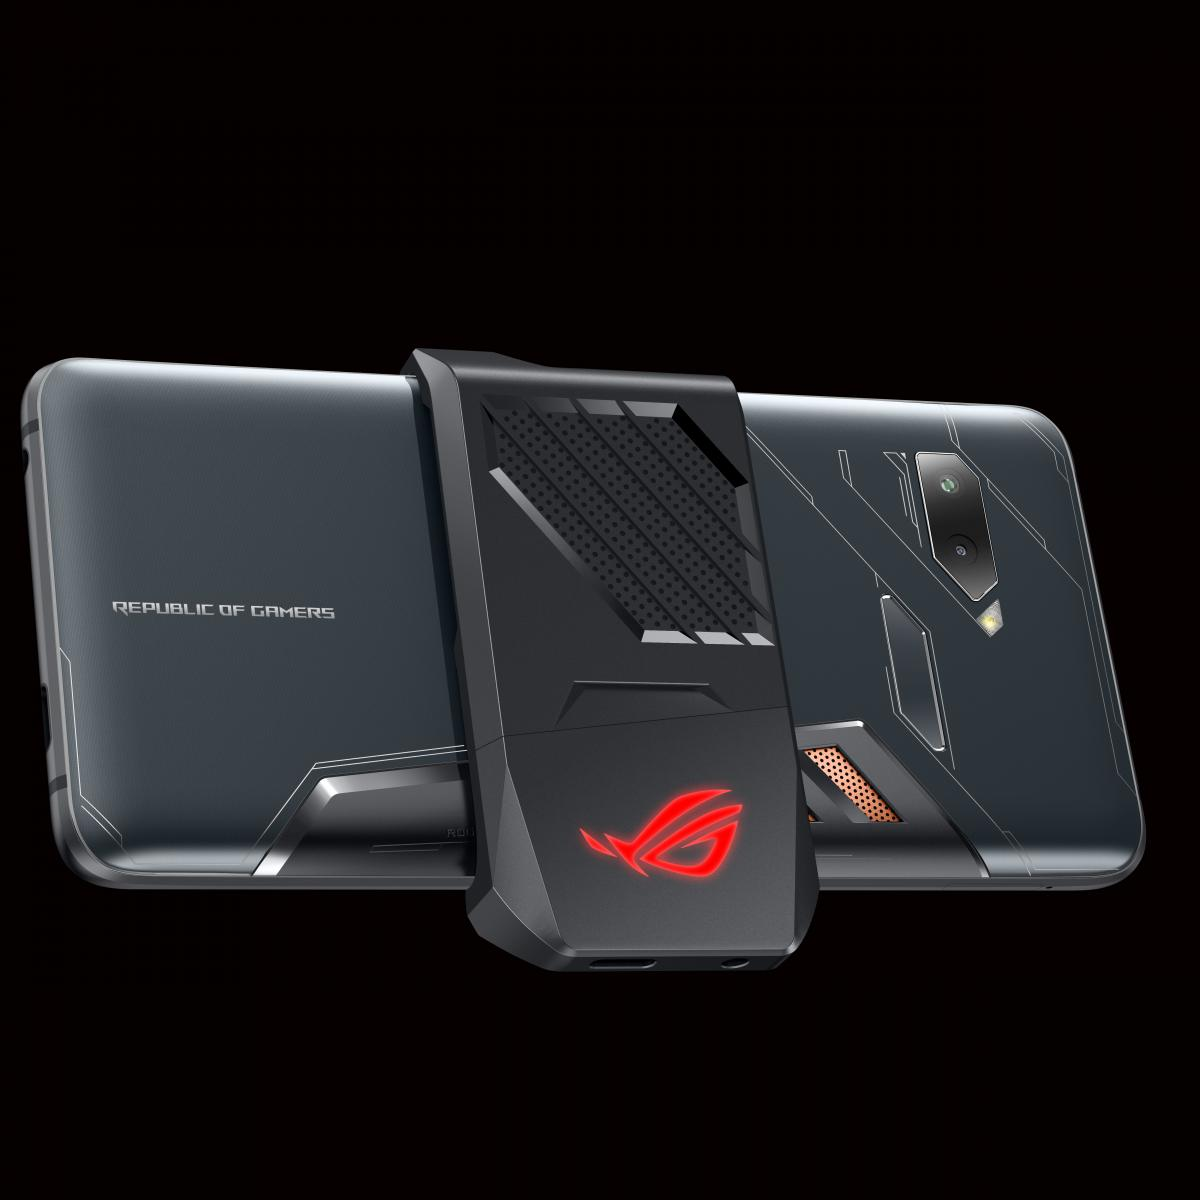 Смартфон разработан специально для геймеров